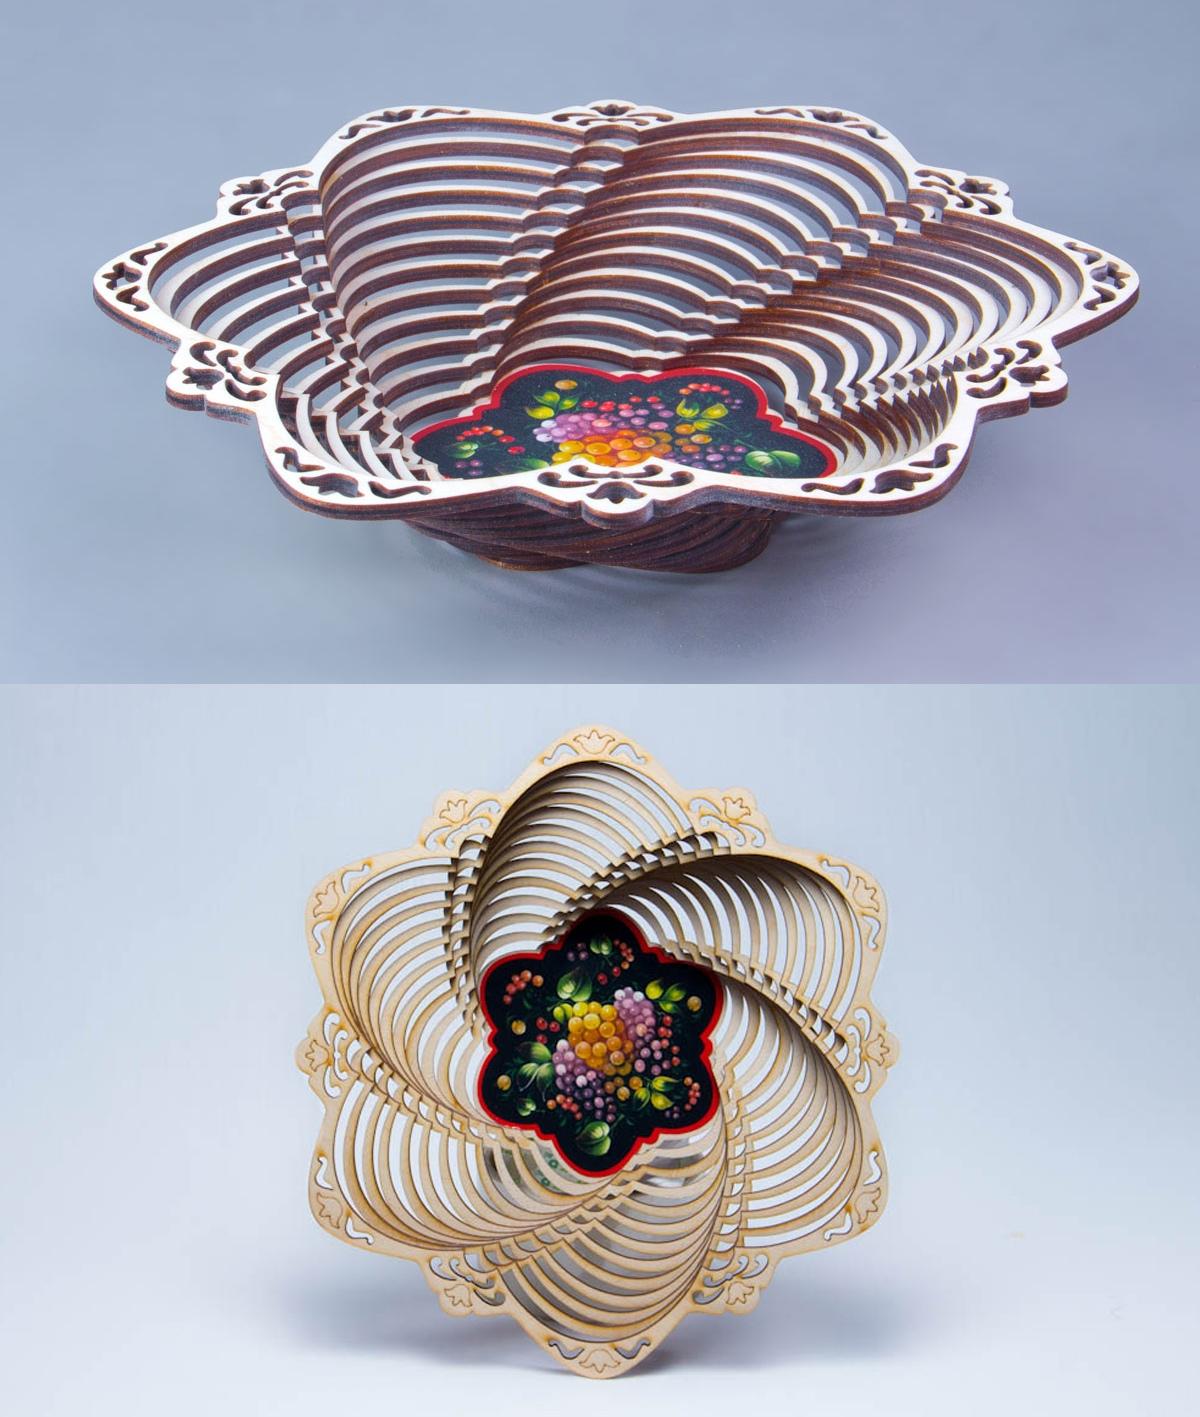 Laser Cut Wooden Decorative Basket Home Decor Plans DXF File